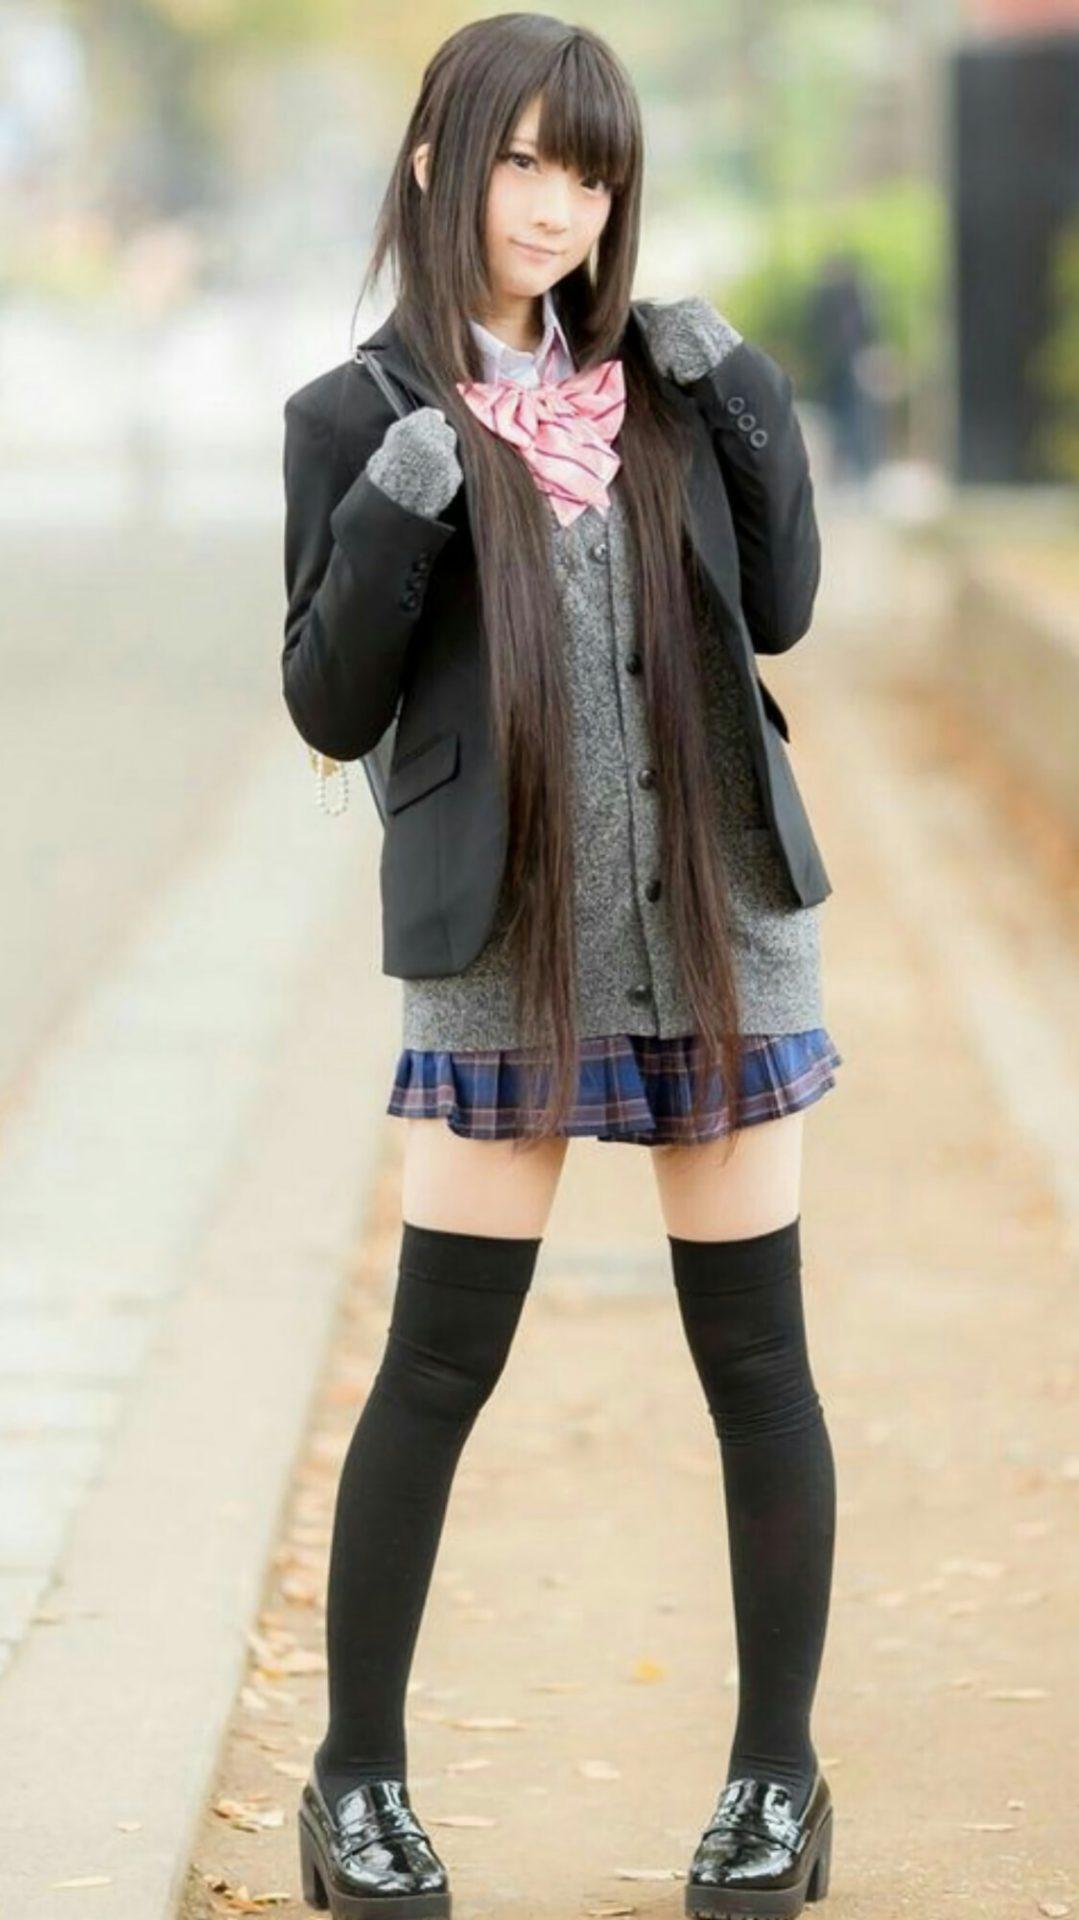 三次元 3次元 エロ画像 JK 女子校生 ニーソックス べっぴん娘通信 16